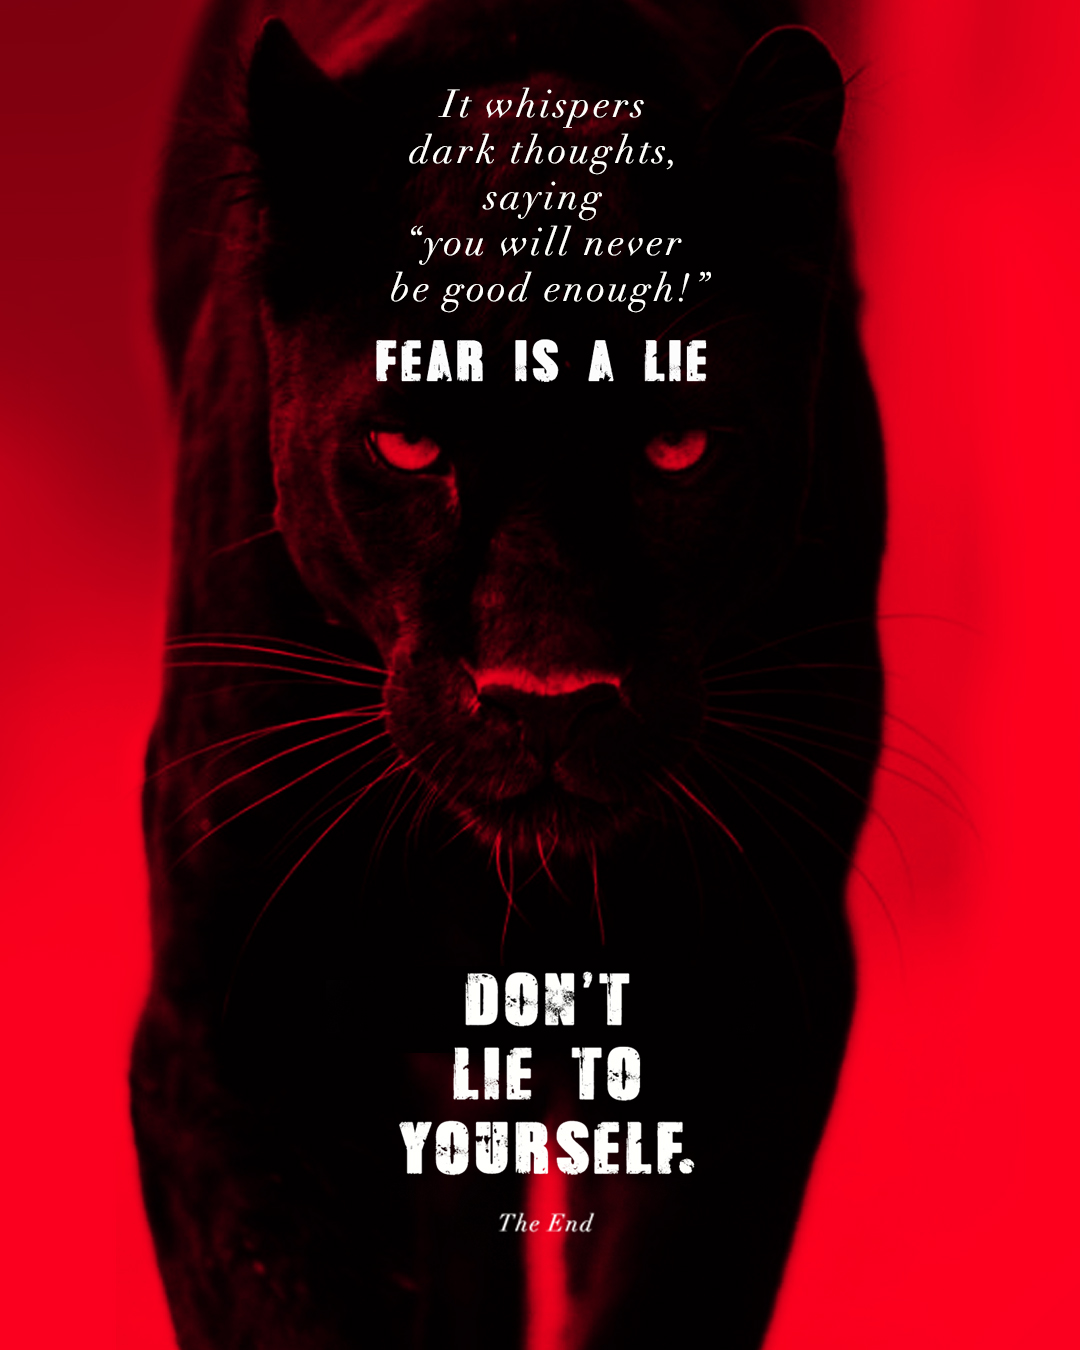 fear_is_a_lie_post10.jpg